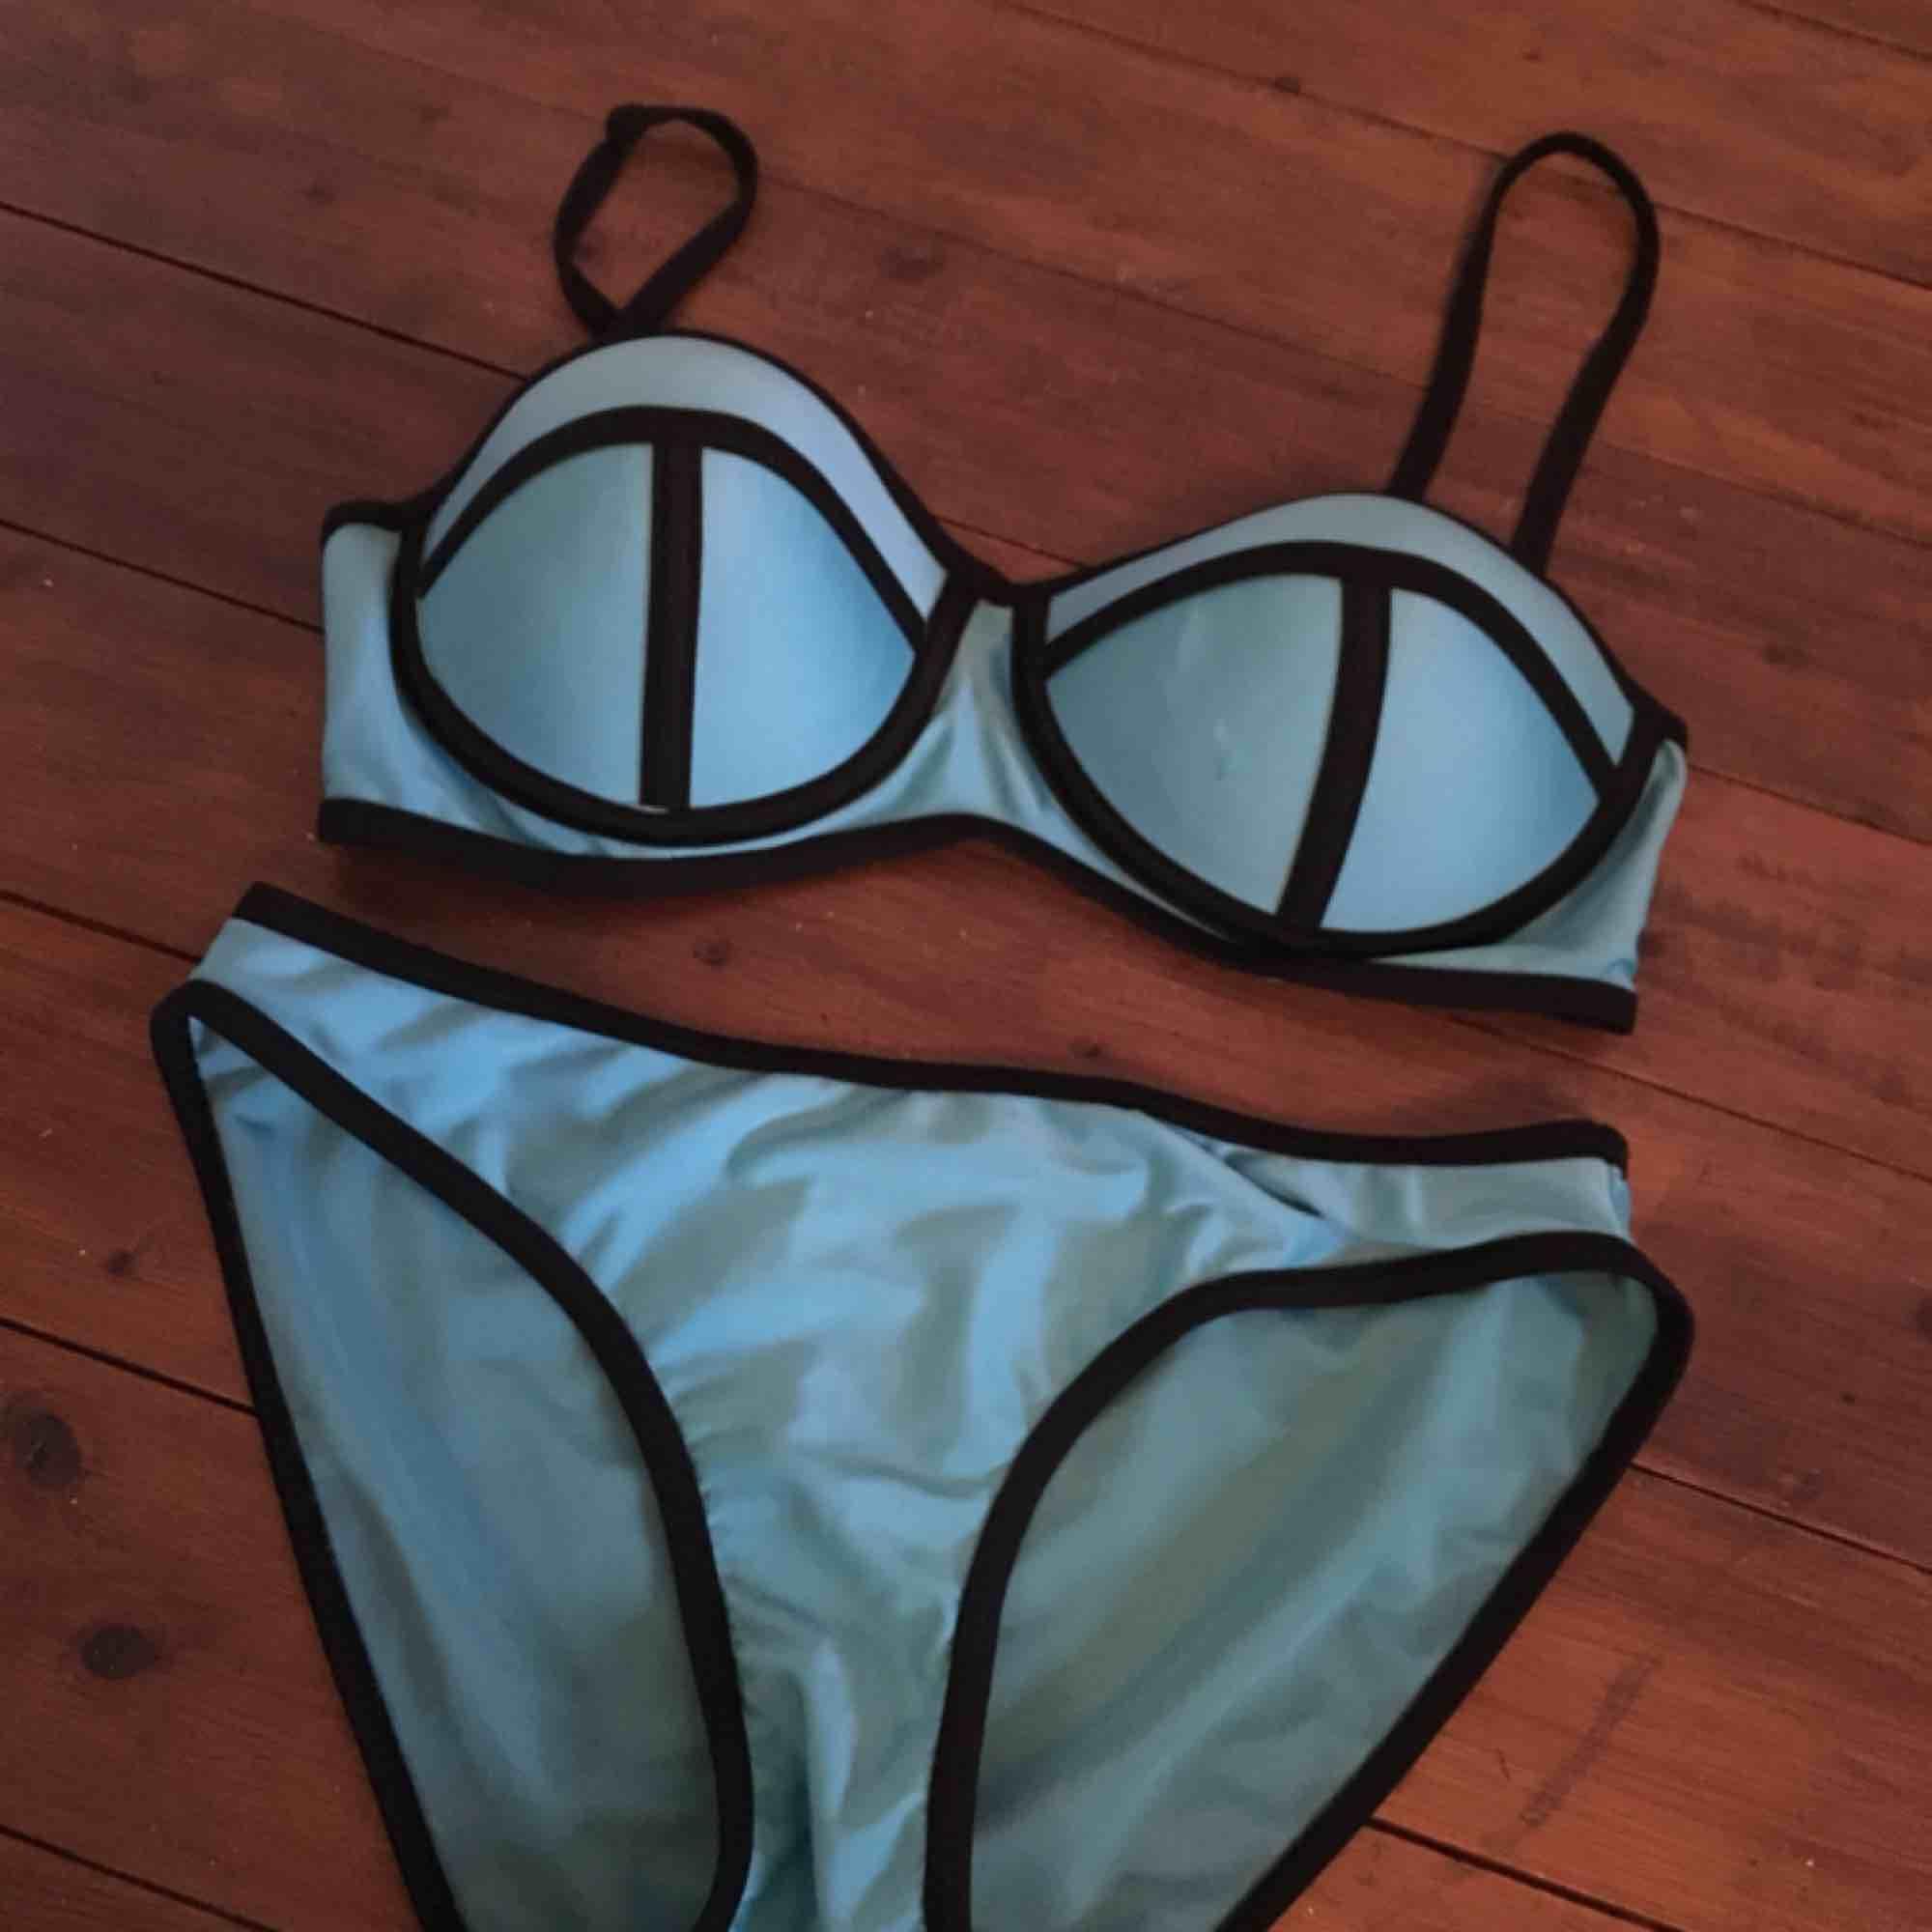 Vara: Bikiniunderdel och nederdel Skick: Använd men i bra skick Storlek: Medium Pris: 30 Avhämtning: Mark/Borås. Övrigt.